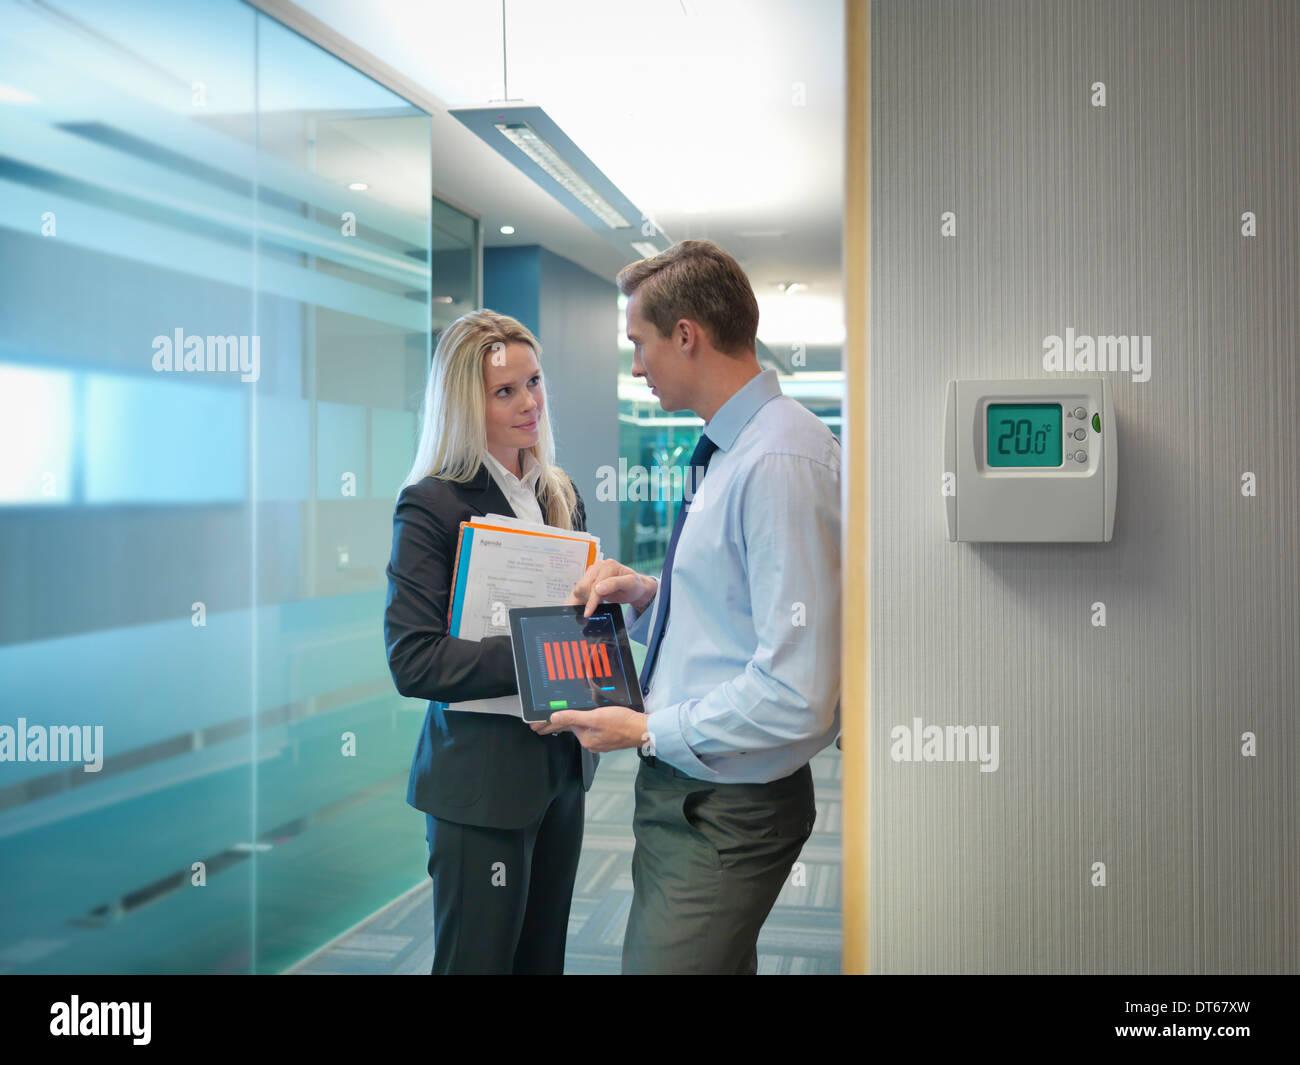 Les employés de bureau holding digital tablet et fichiers discuter l'utilisation de l'énergie Bureau Photo Stock